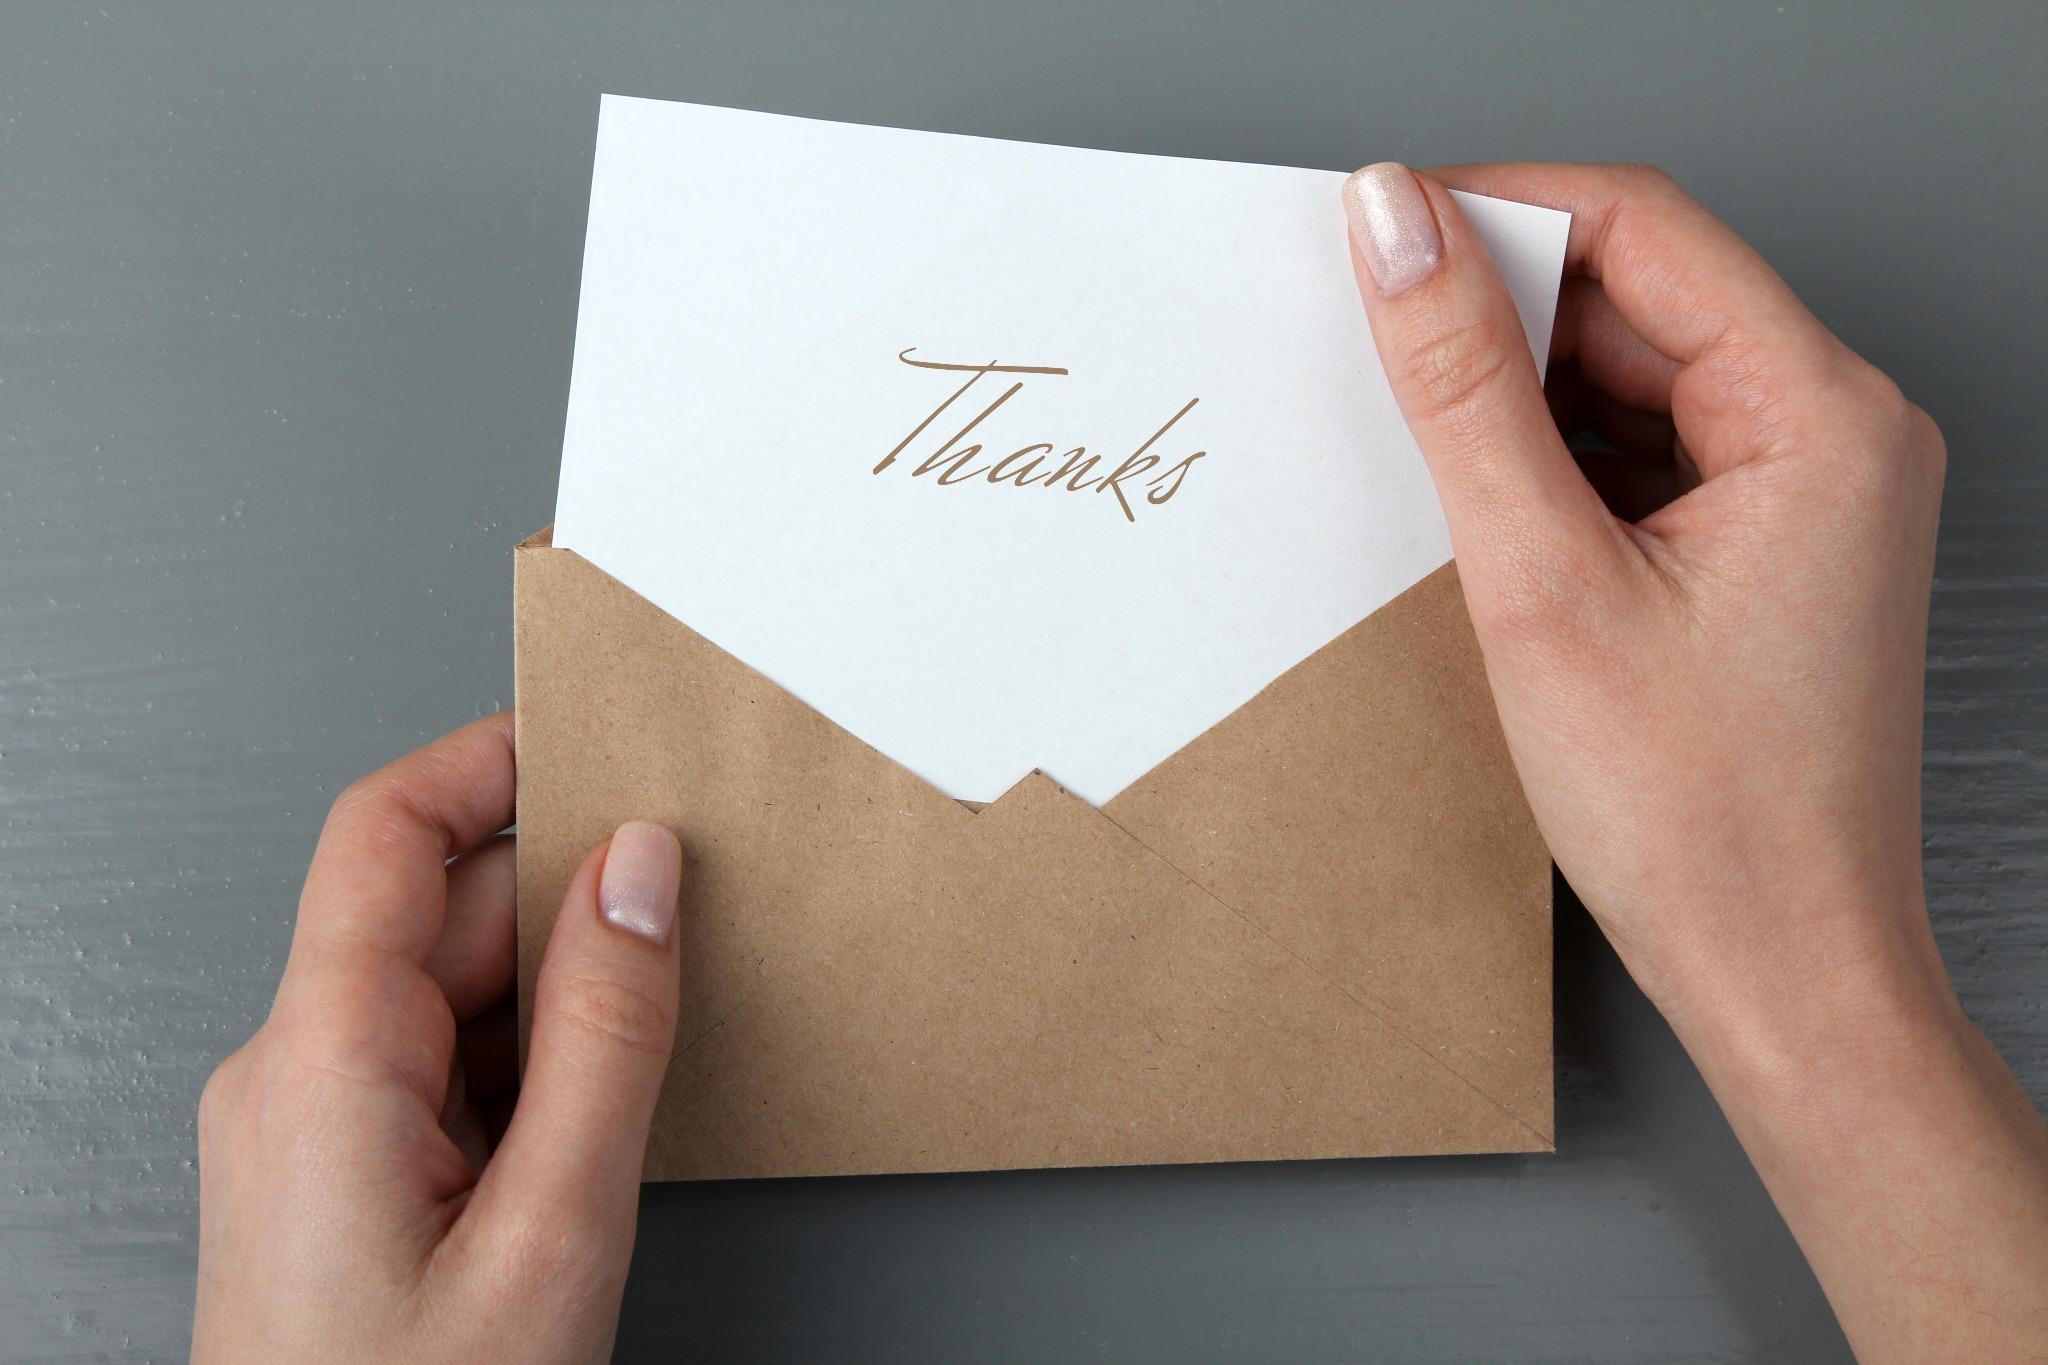 A thank card symbolizing the Welsh phrase Diolch Yn Fawr